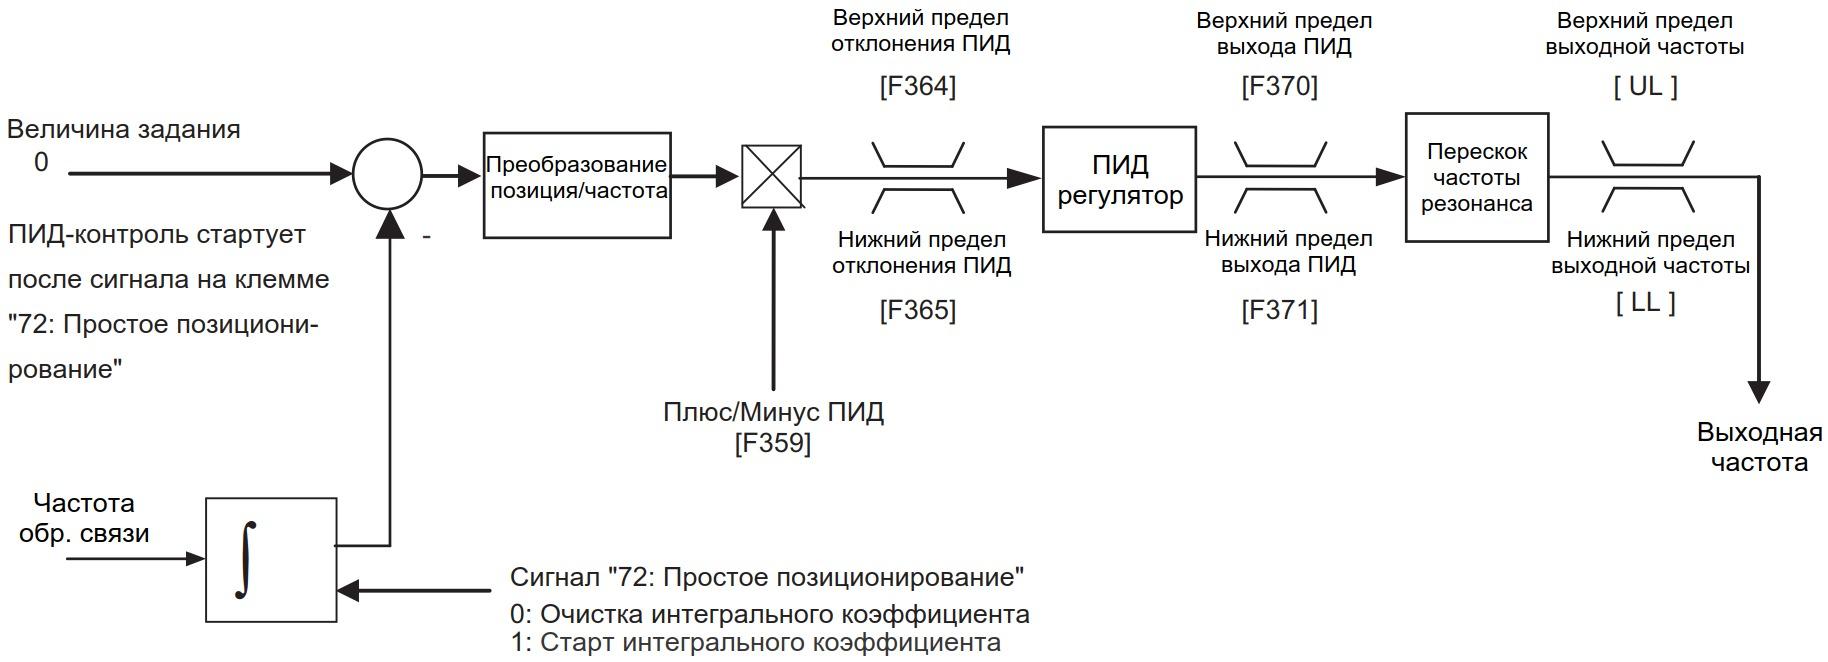 Схема задания параметров внутреннего ПИД-регулятора позиционирования